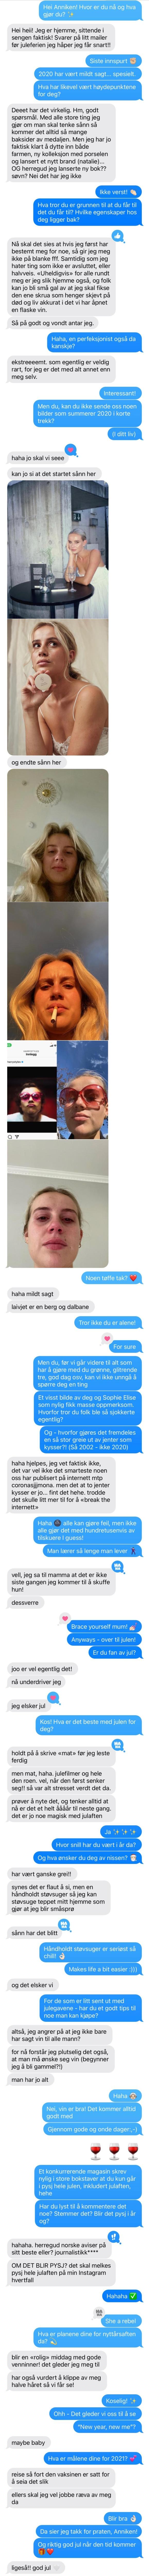 SMS-intervju med Anniken Jørgensen aka Annijor